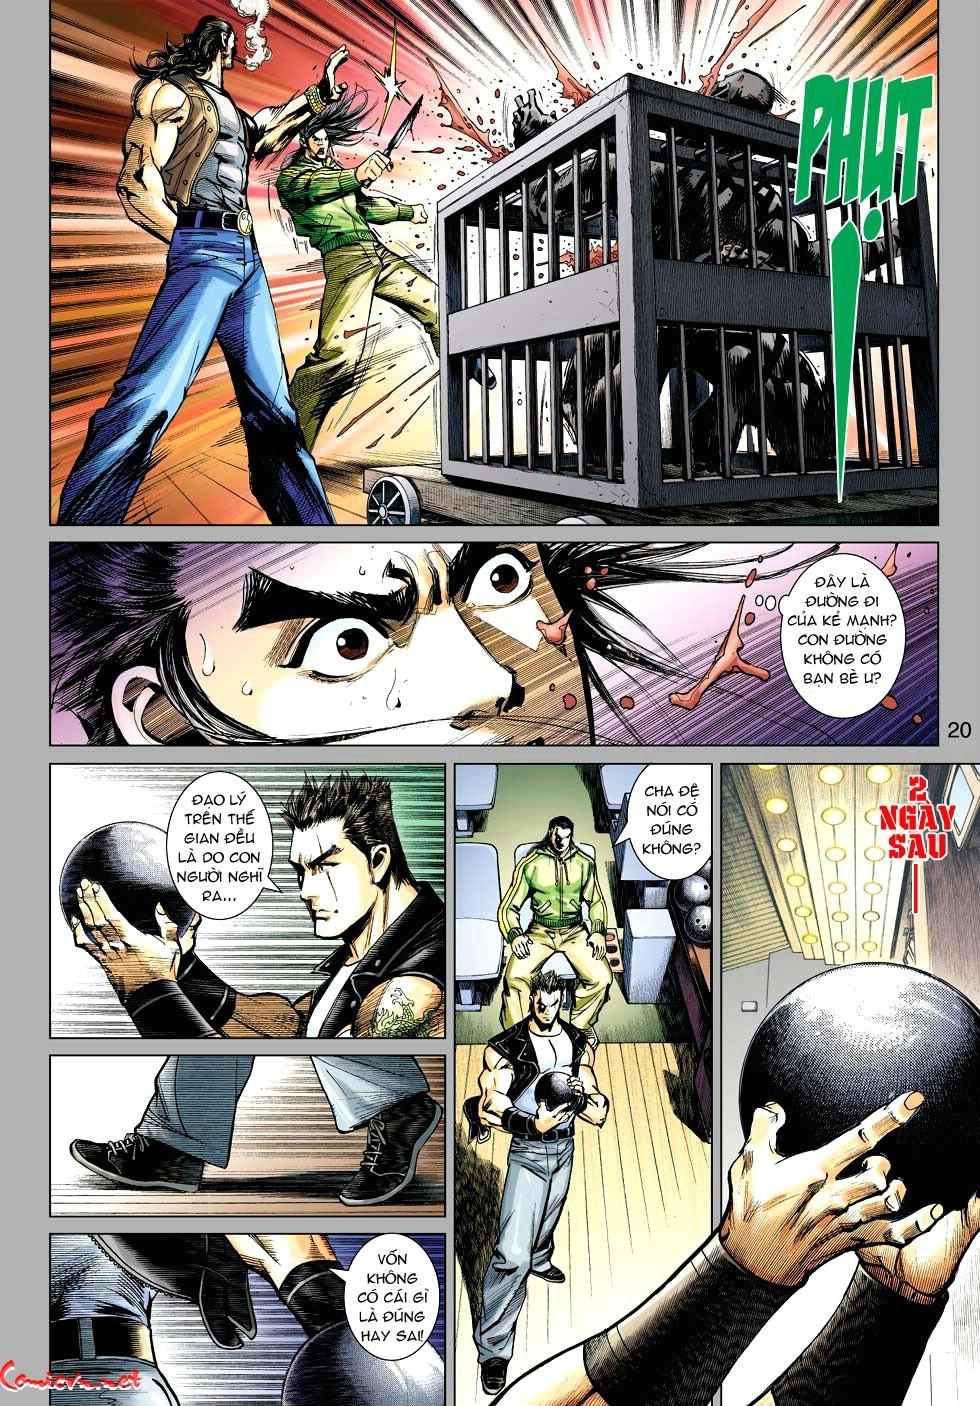 Vương Phong Lôi 1 chap 34 - Trang 20